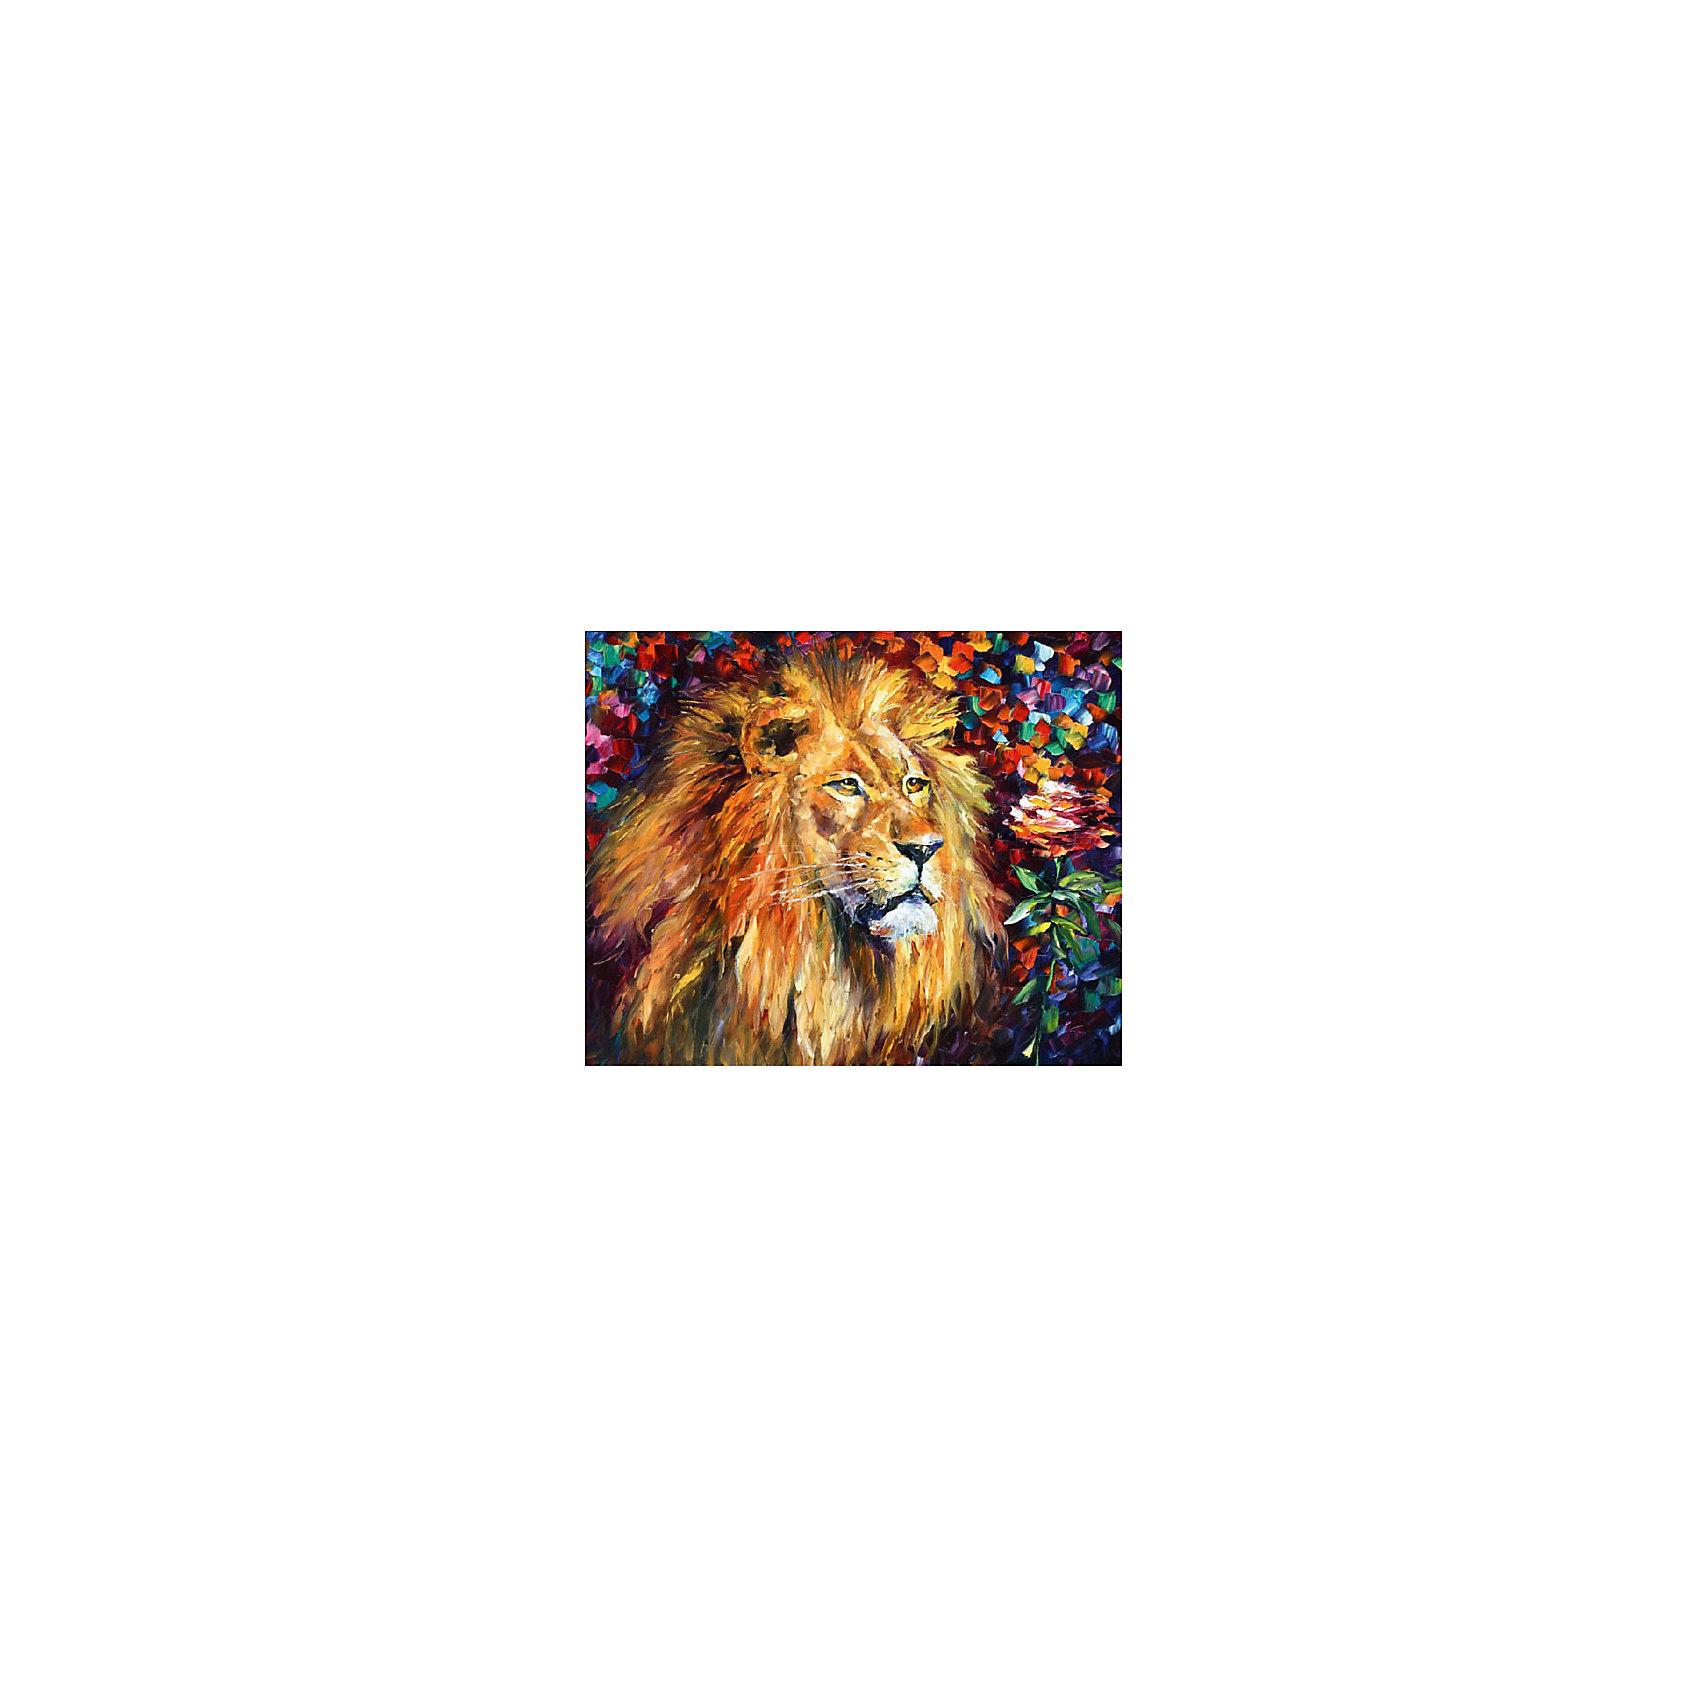 Картина по номерам Афремов: Лев и роза, 40*50 смРисование<br>Картины с раскраской по номерам размером 40*50. На деревянном подрамнике, с прогрунтованным холстом и  нанесенными контурами картины, с указанием цвета закраски, акриловыми красками, 3 кисточками и креплением на стену. Уровень сложности, количество красок указаны на коробке.<br><br>Ширина мм: 500<br>Глубина мм: 400<br>Высота мм: 40<br>Вес г: 730<br>Возраст от месяцев: 108<br>Возраст до месяцев: 2147483647<br>Пол: Унисекс<br>Возраст: Детский<br>SKU: 5417688